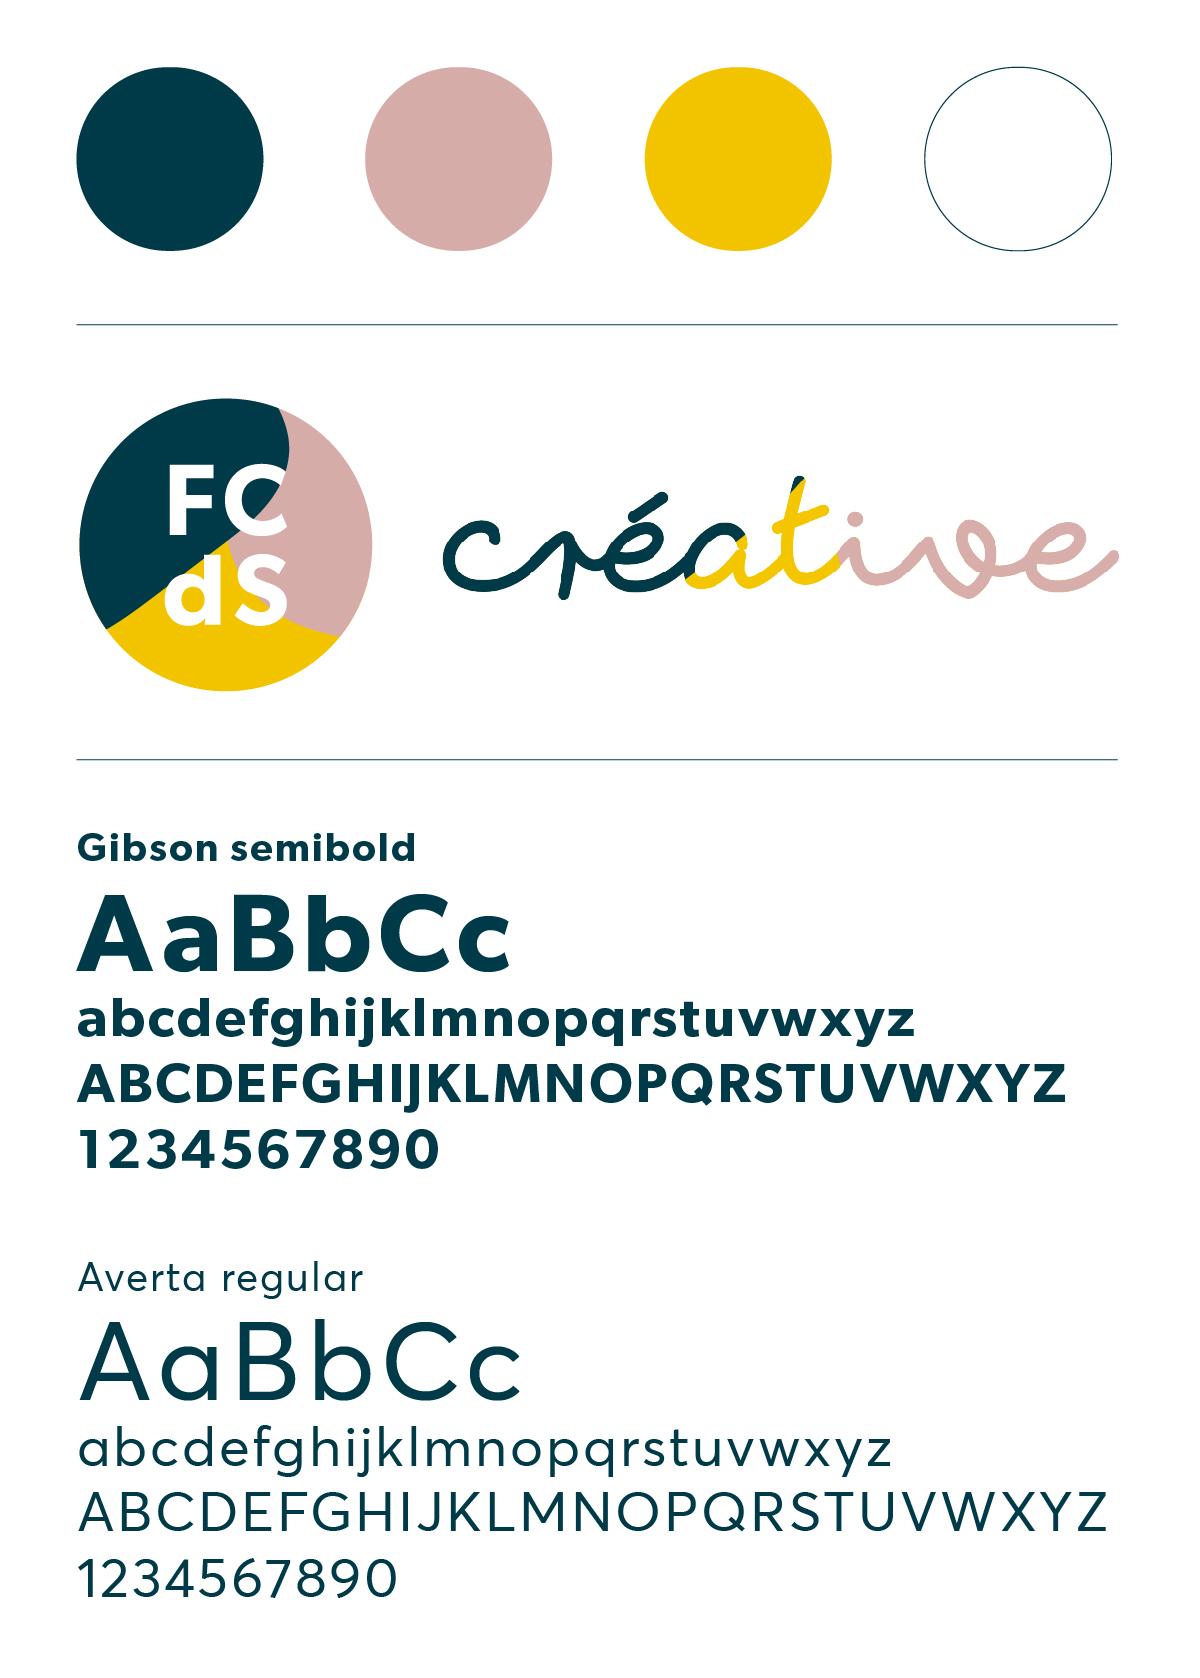 Identité visuelle Fabrique creative santé Digisanté